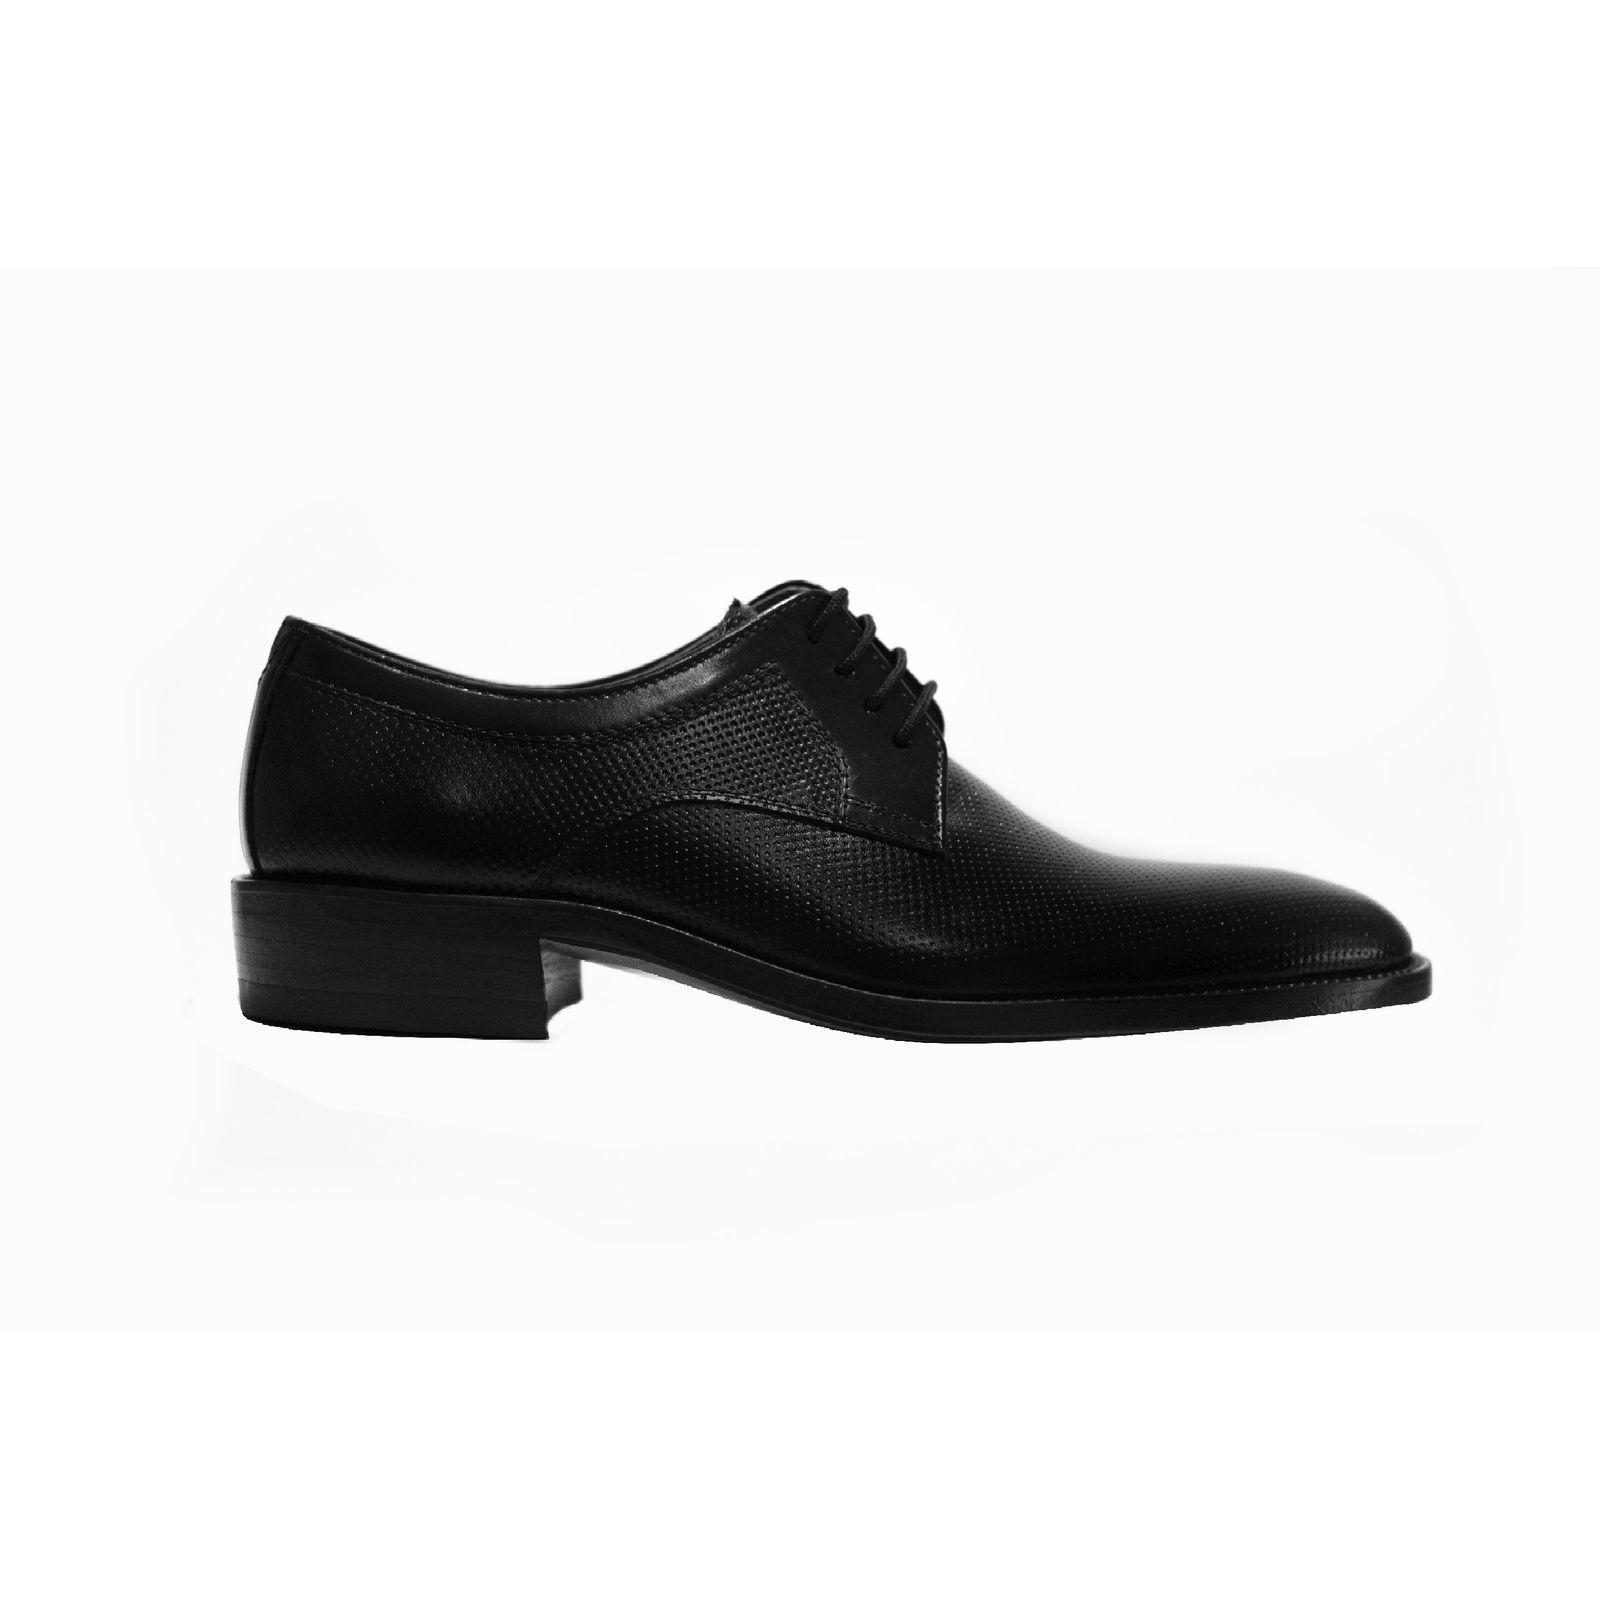 کفش مردانه کد 6777 -  - 1